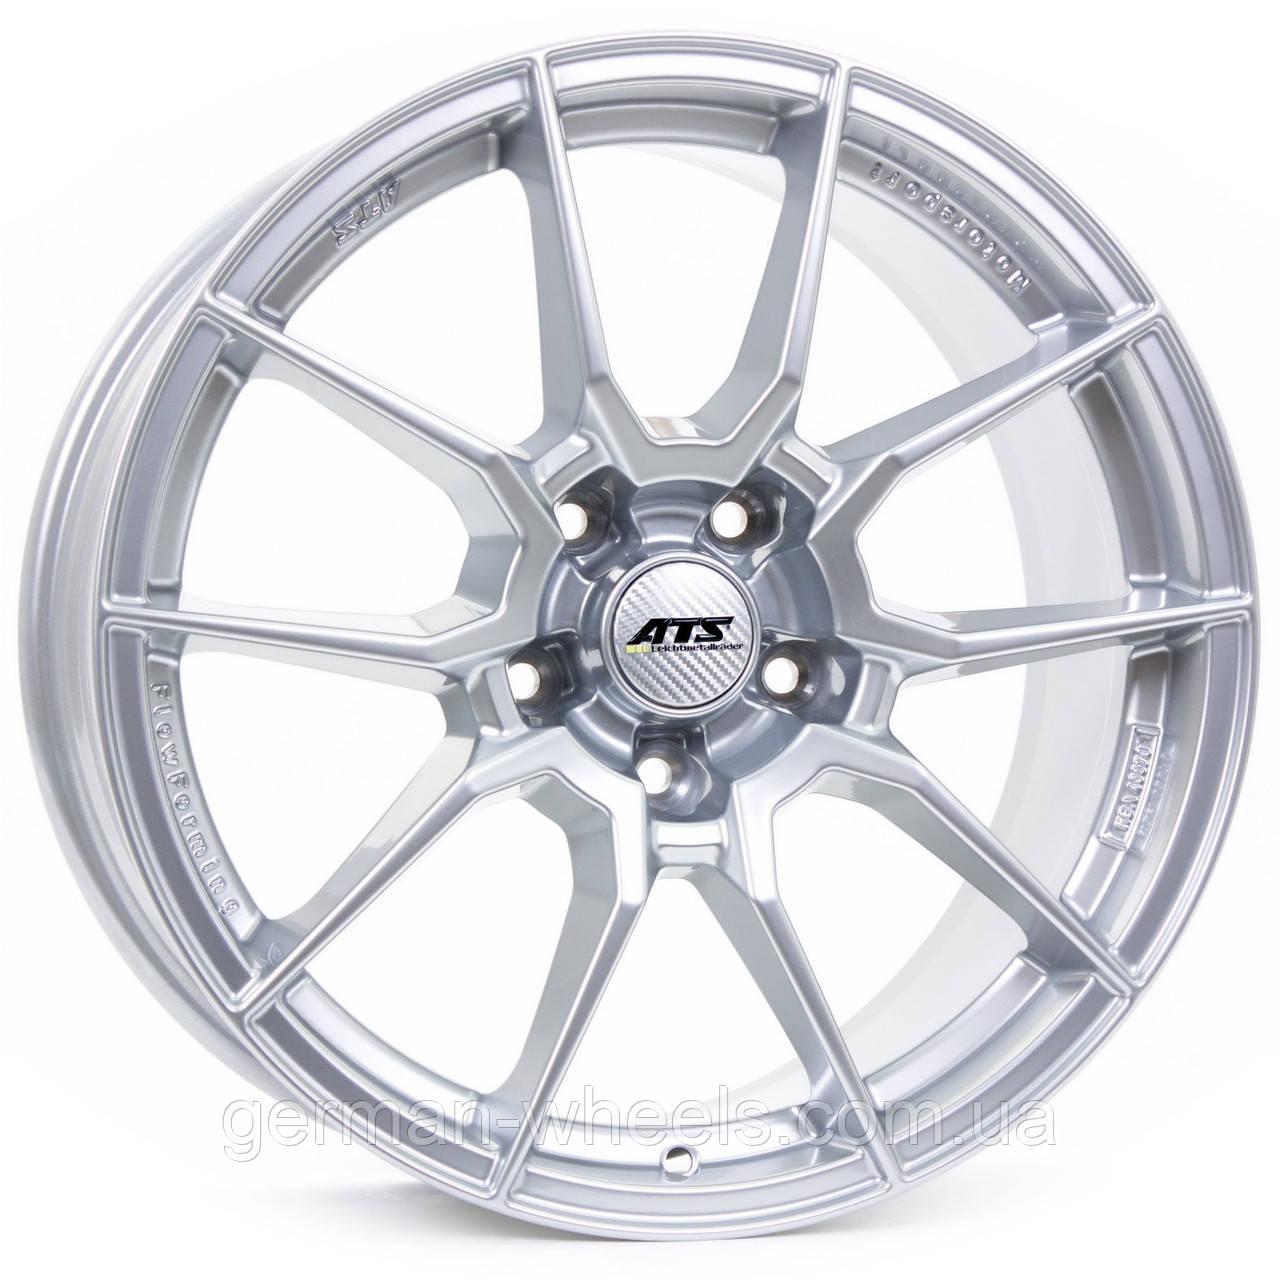 """Диски ATS (АТС) модель RACELIGHT колір Royal-silver параметри 8.5 J x 19"""" 5 x 112 ET 30"""